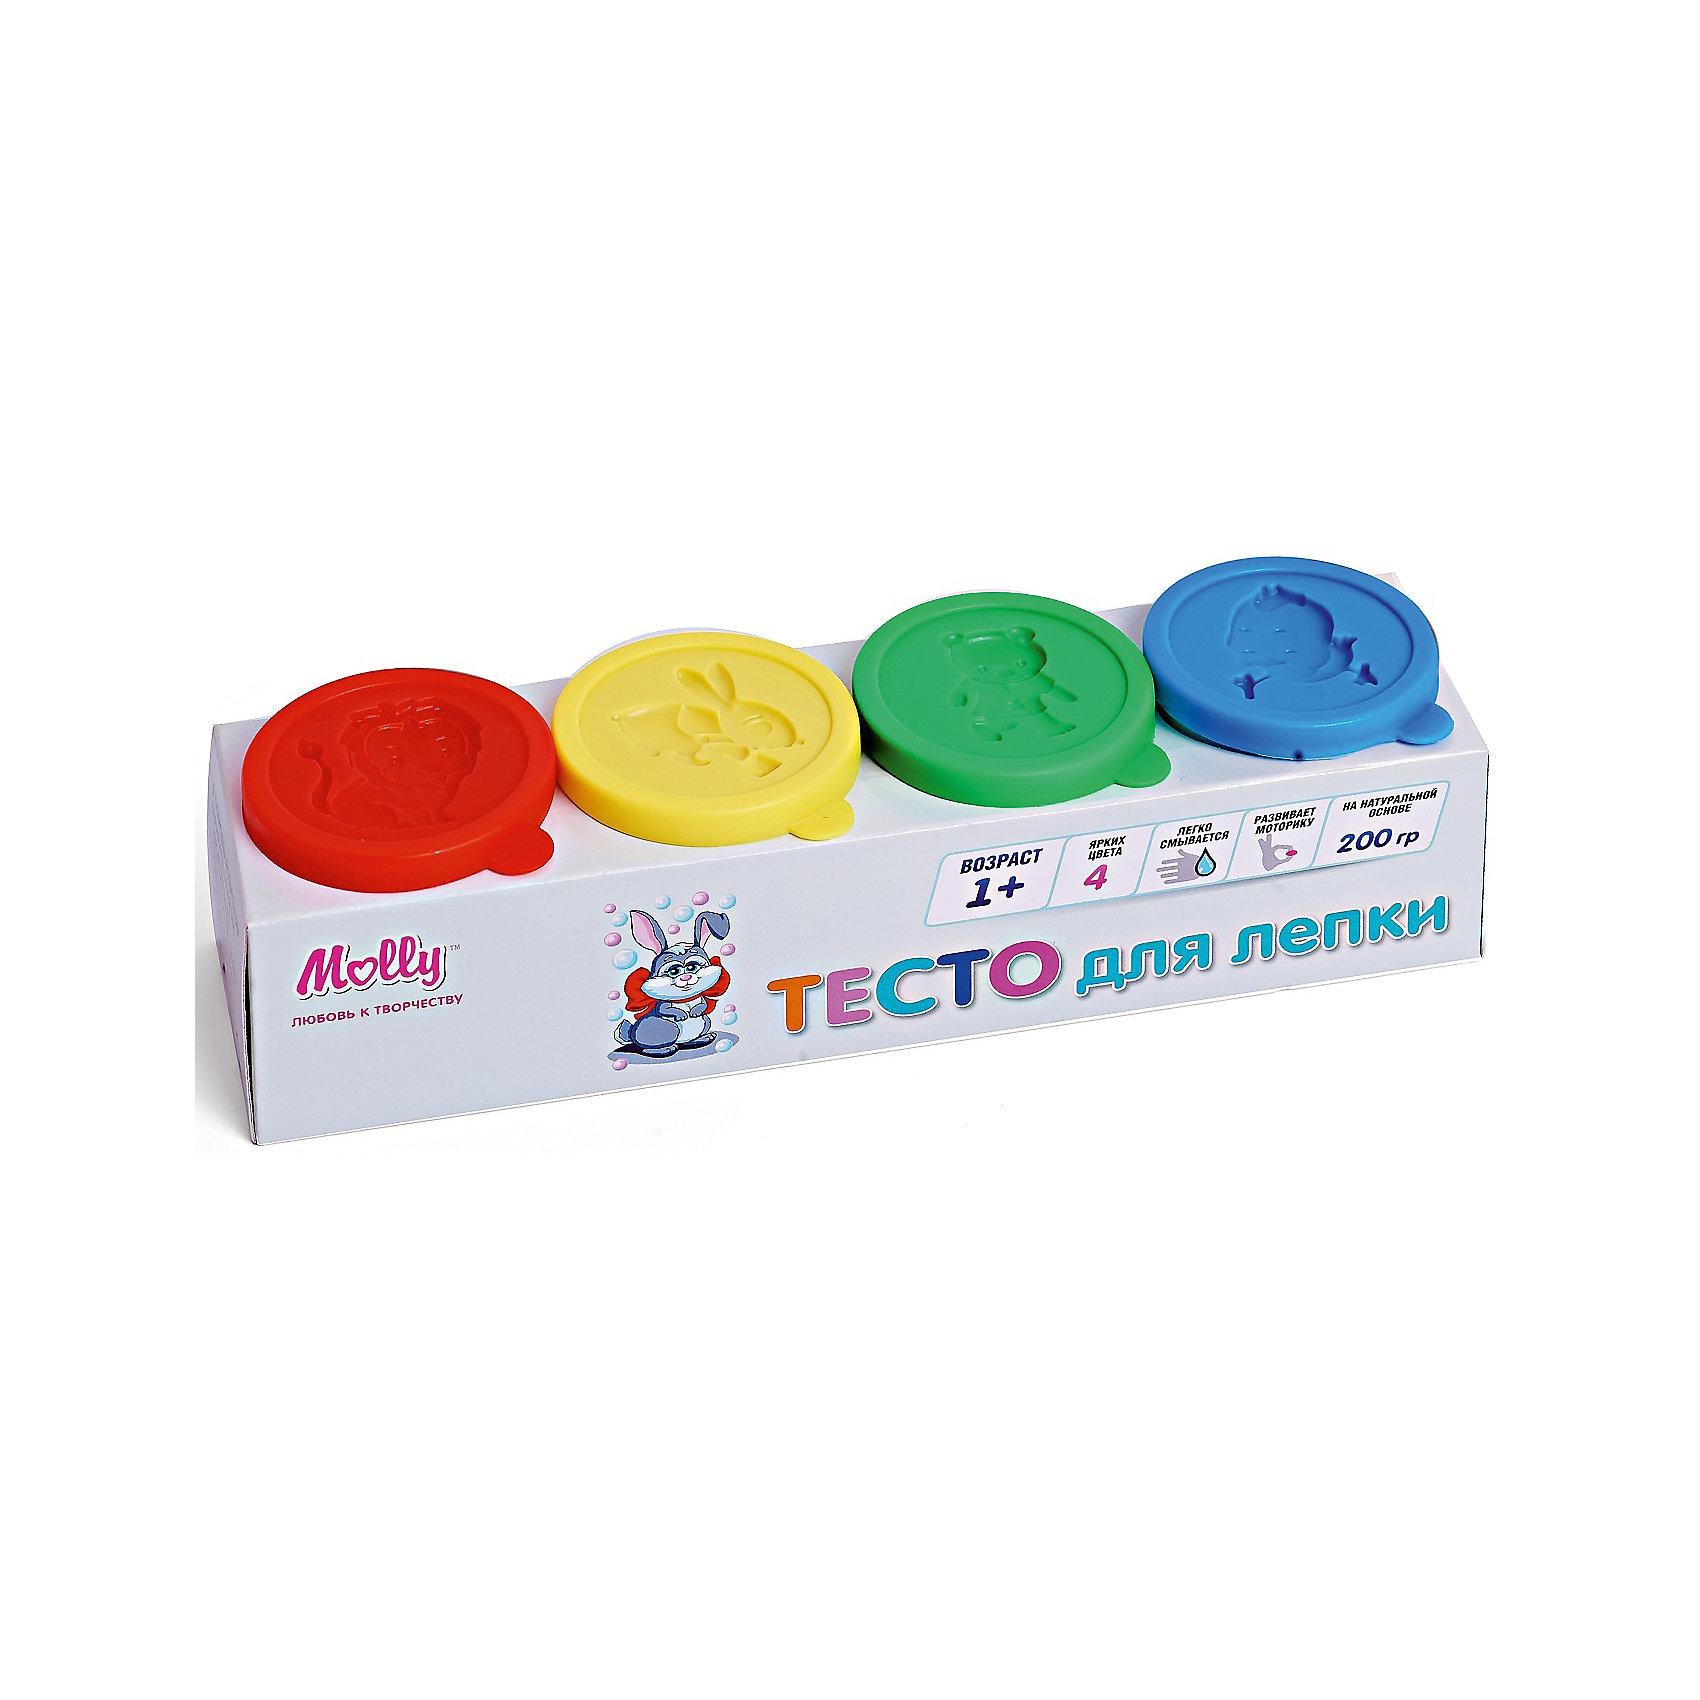 Тесто для лепки 4 цветаЛепка<br>Тесто для лепки 4 цвета.<br><br>Характеристики:<br><br>• Для детей в возрасте: от 1 года<br>• В наборе: 4 баночки теста разного цвета с формой для лепки на крышке (200 гр.)<br>• Цвета: желтый, красный, синий, зеленый<br>• Состав: пшеничная мука крахмал, вода, соль, пищевая добавка, пищевой краситель<br>• Размеры упаковки: 20х5,5х5,5 см.<br><br>Тесто разных цветов хорошо смешивается между собой, благодаря чему можно создавать бесконечное множество оттенков. Тесто может использоваться многократно при условии правильного хранения. Готовые подделки застывают на воздухе, не крошатся, обладают достаточной прочностью, после полного высыхания их можно раскрасить красками. Тесто для лепки абсолютно безопасно, гипоаллергенно. <br><br>Тесто для лепки 4 цвета можно купить в нашем интернет-магазине.<br><br>Ширина мм: 205<br>Глубина мм: 550<br>Высота мм: 550<br>Вес г: 200<br>Возраст от месяцев: 36<br>Возраст до месяцев: 2147483647<br>Пол: Унисекс<br>Возраст: Детский<br>SKU: 5519352